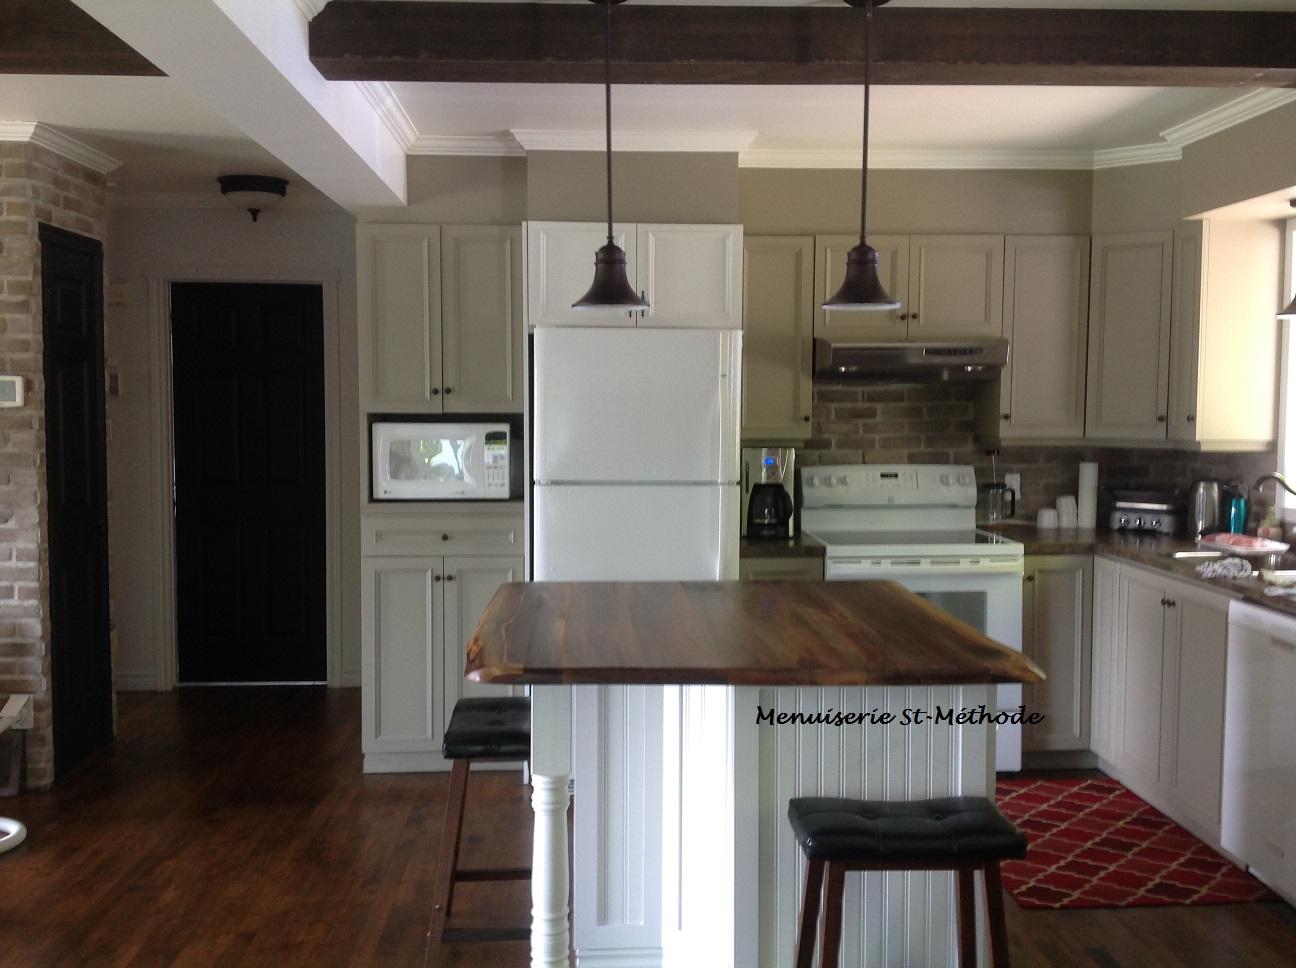 menuiserie st m thode comptoir d 39 lot de cuisine en noyer noir. Black Bedroom Furniture Sets. Home Design Ideas